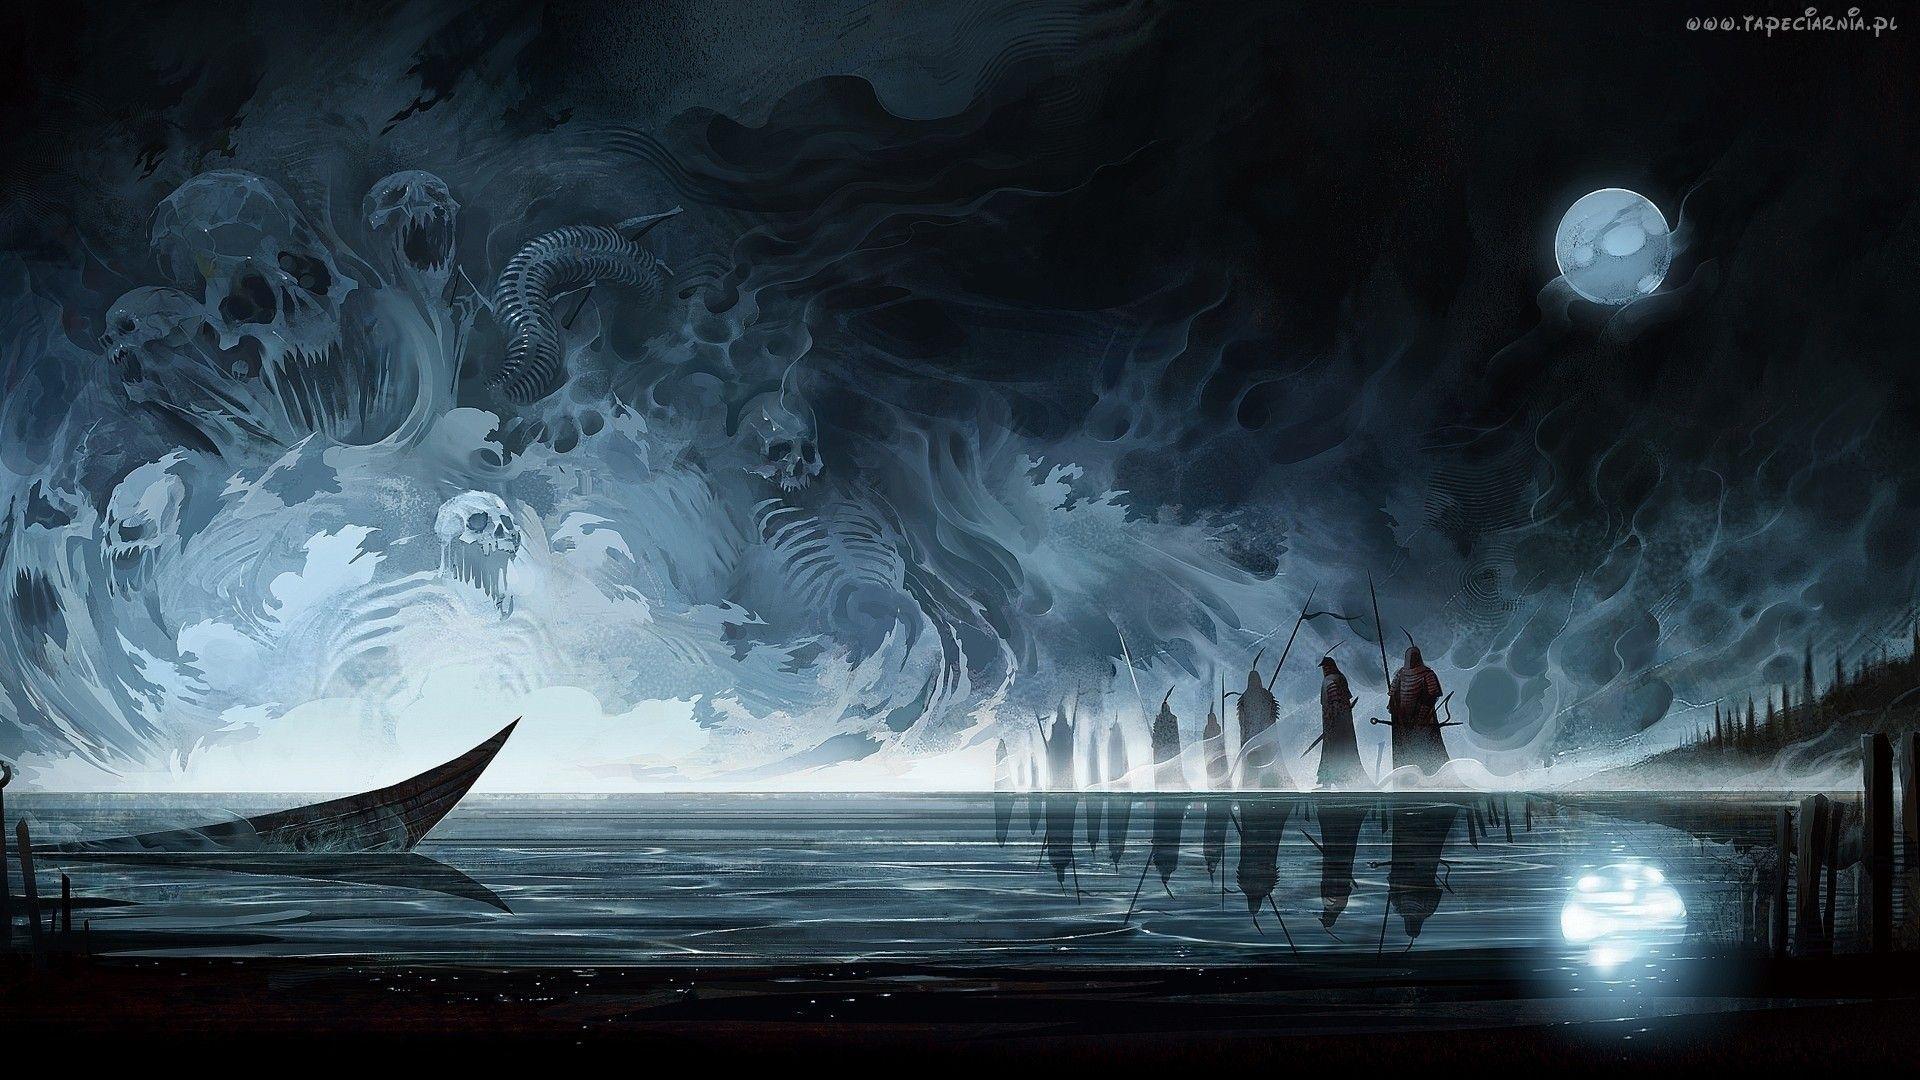 228622_fantasy_mroczne_morze_ksiezyc_postacie_upiory.jpg 1,920×1,080 pikseli